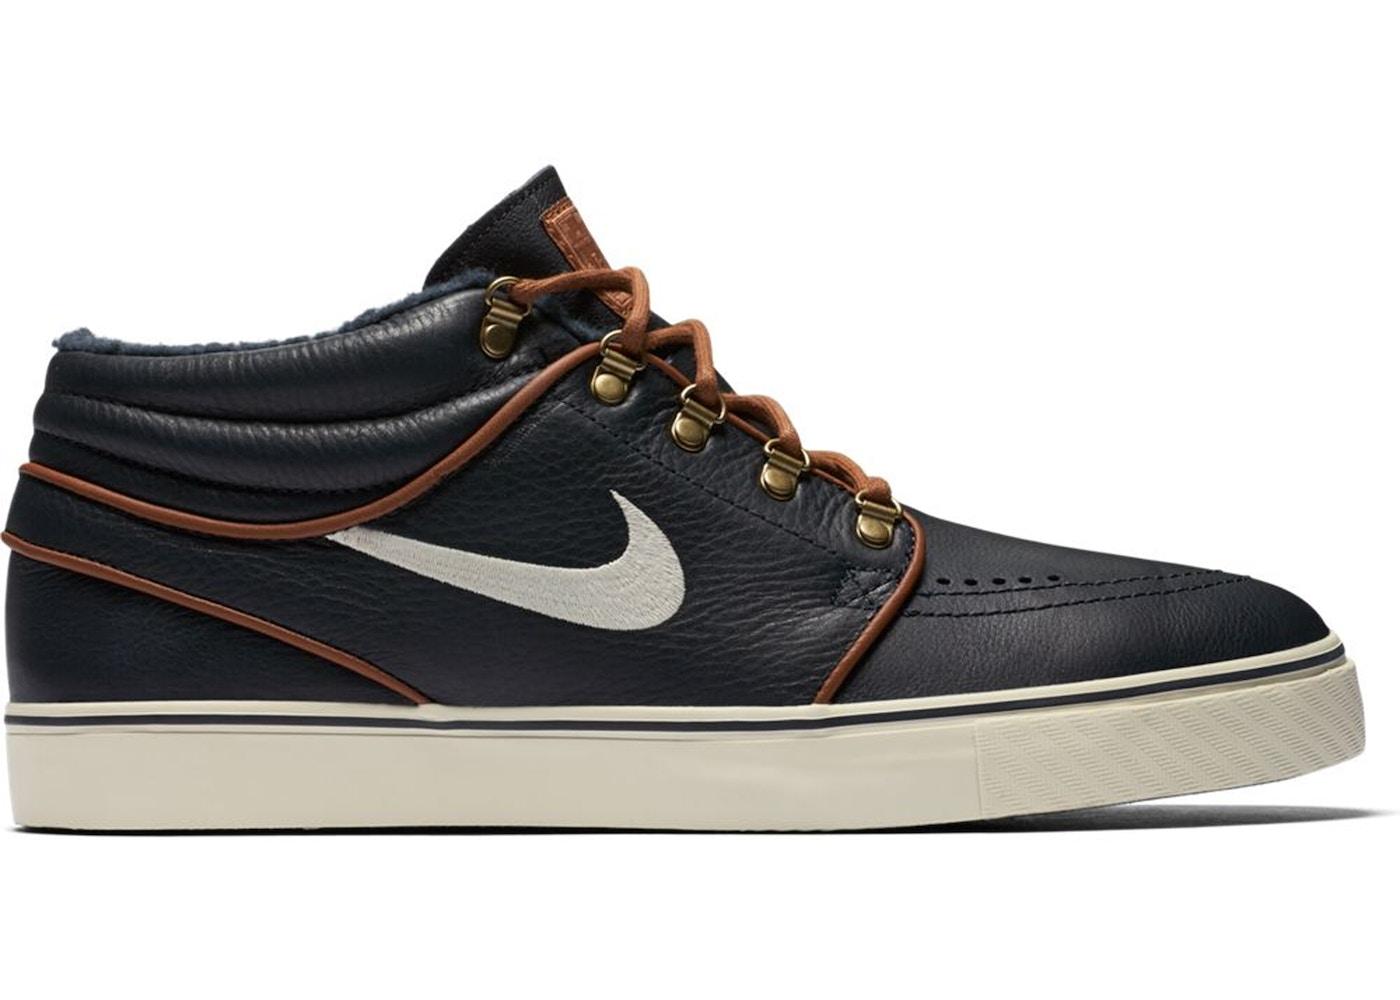 toma una foto Finalmente Perú  Nike SB Zoom Stefan Janoski Mid Obsidian Tan - 472679-423